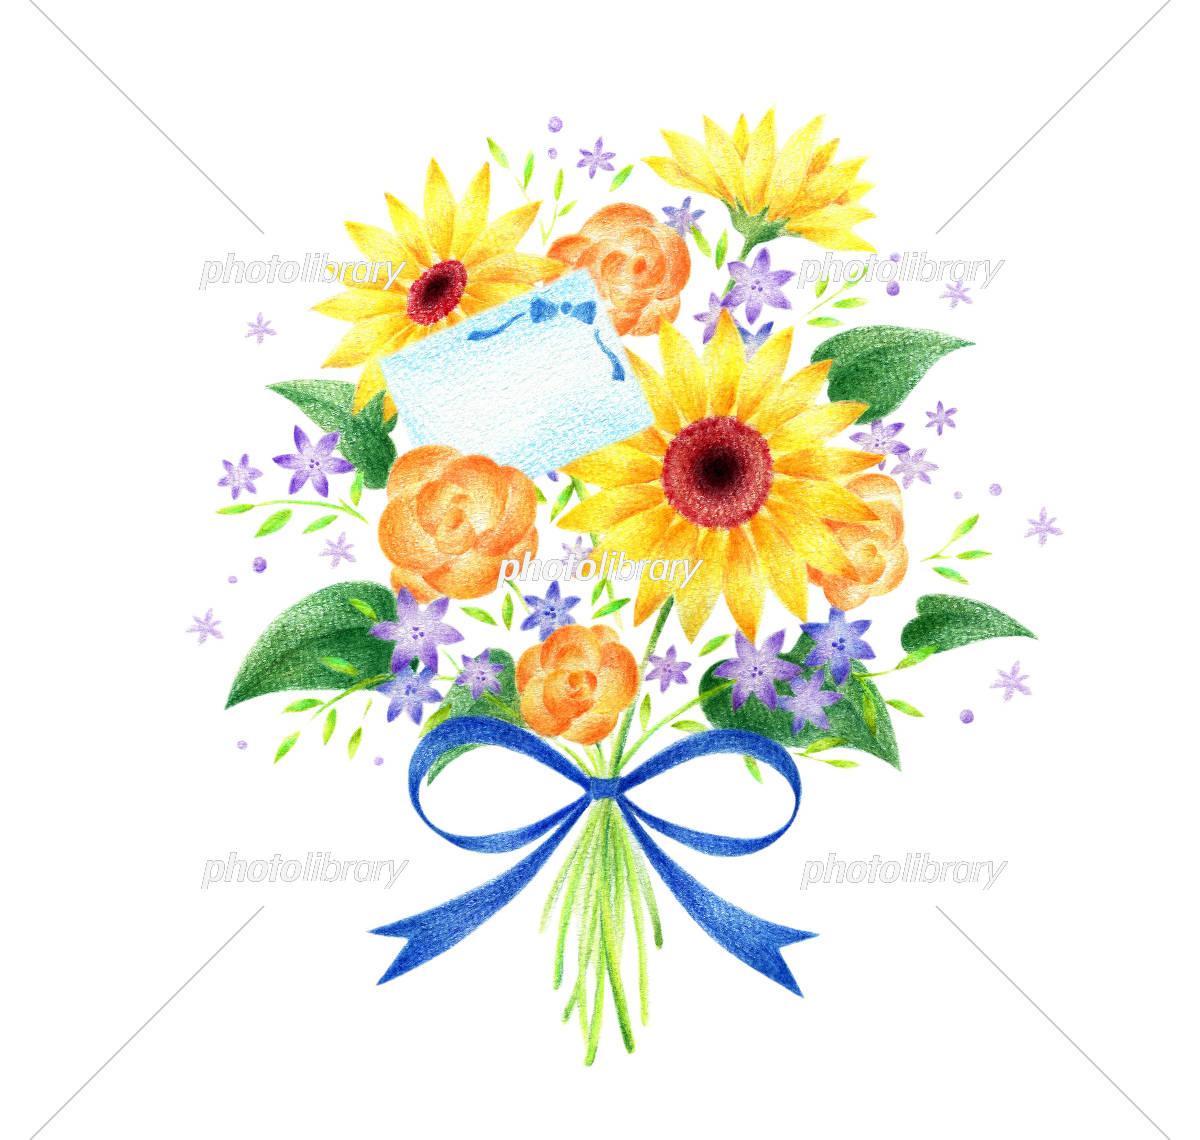 父の日 ひまわり 花束 カード イラスト素材 5529599 フォトライブ